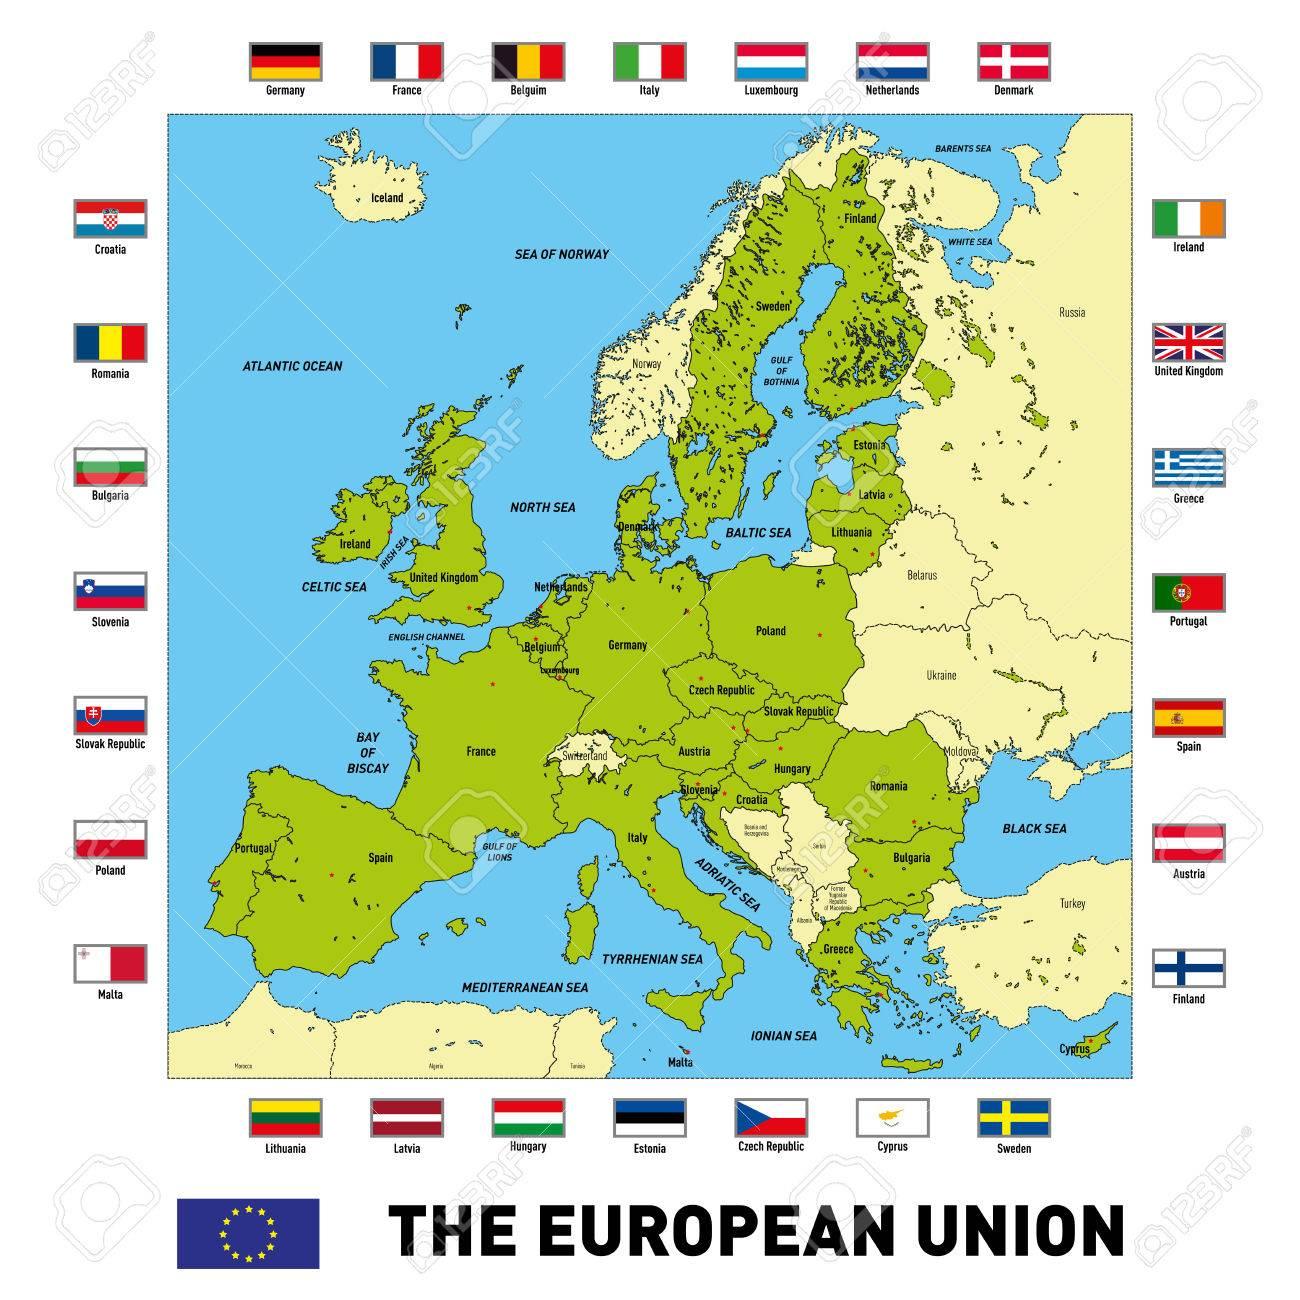 Vector Très Détaillée Carte Politique De L'union Européenne Avec Des  Drapeaux Et Capitales. Tous Les Éléments Sont Séparés Dans Des Couches intérieur Les Capitales De L Union Européenne